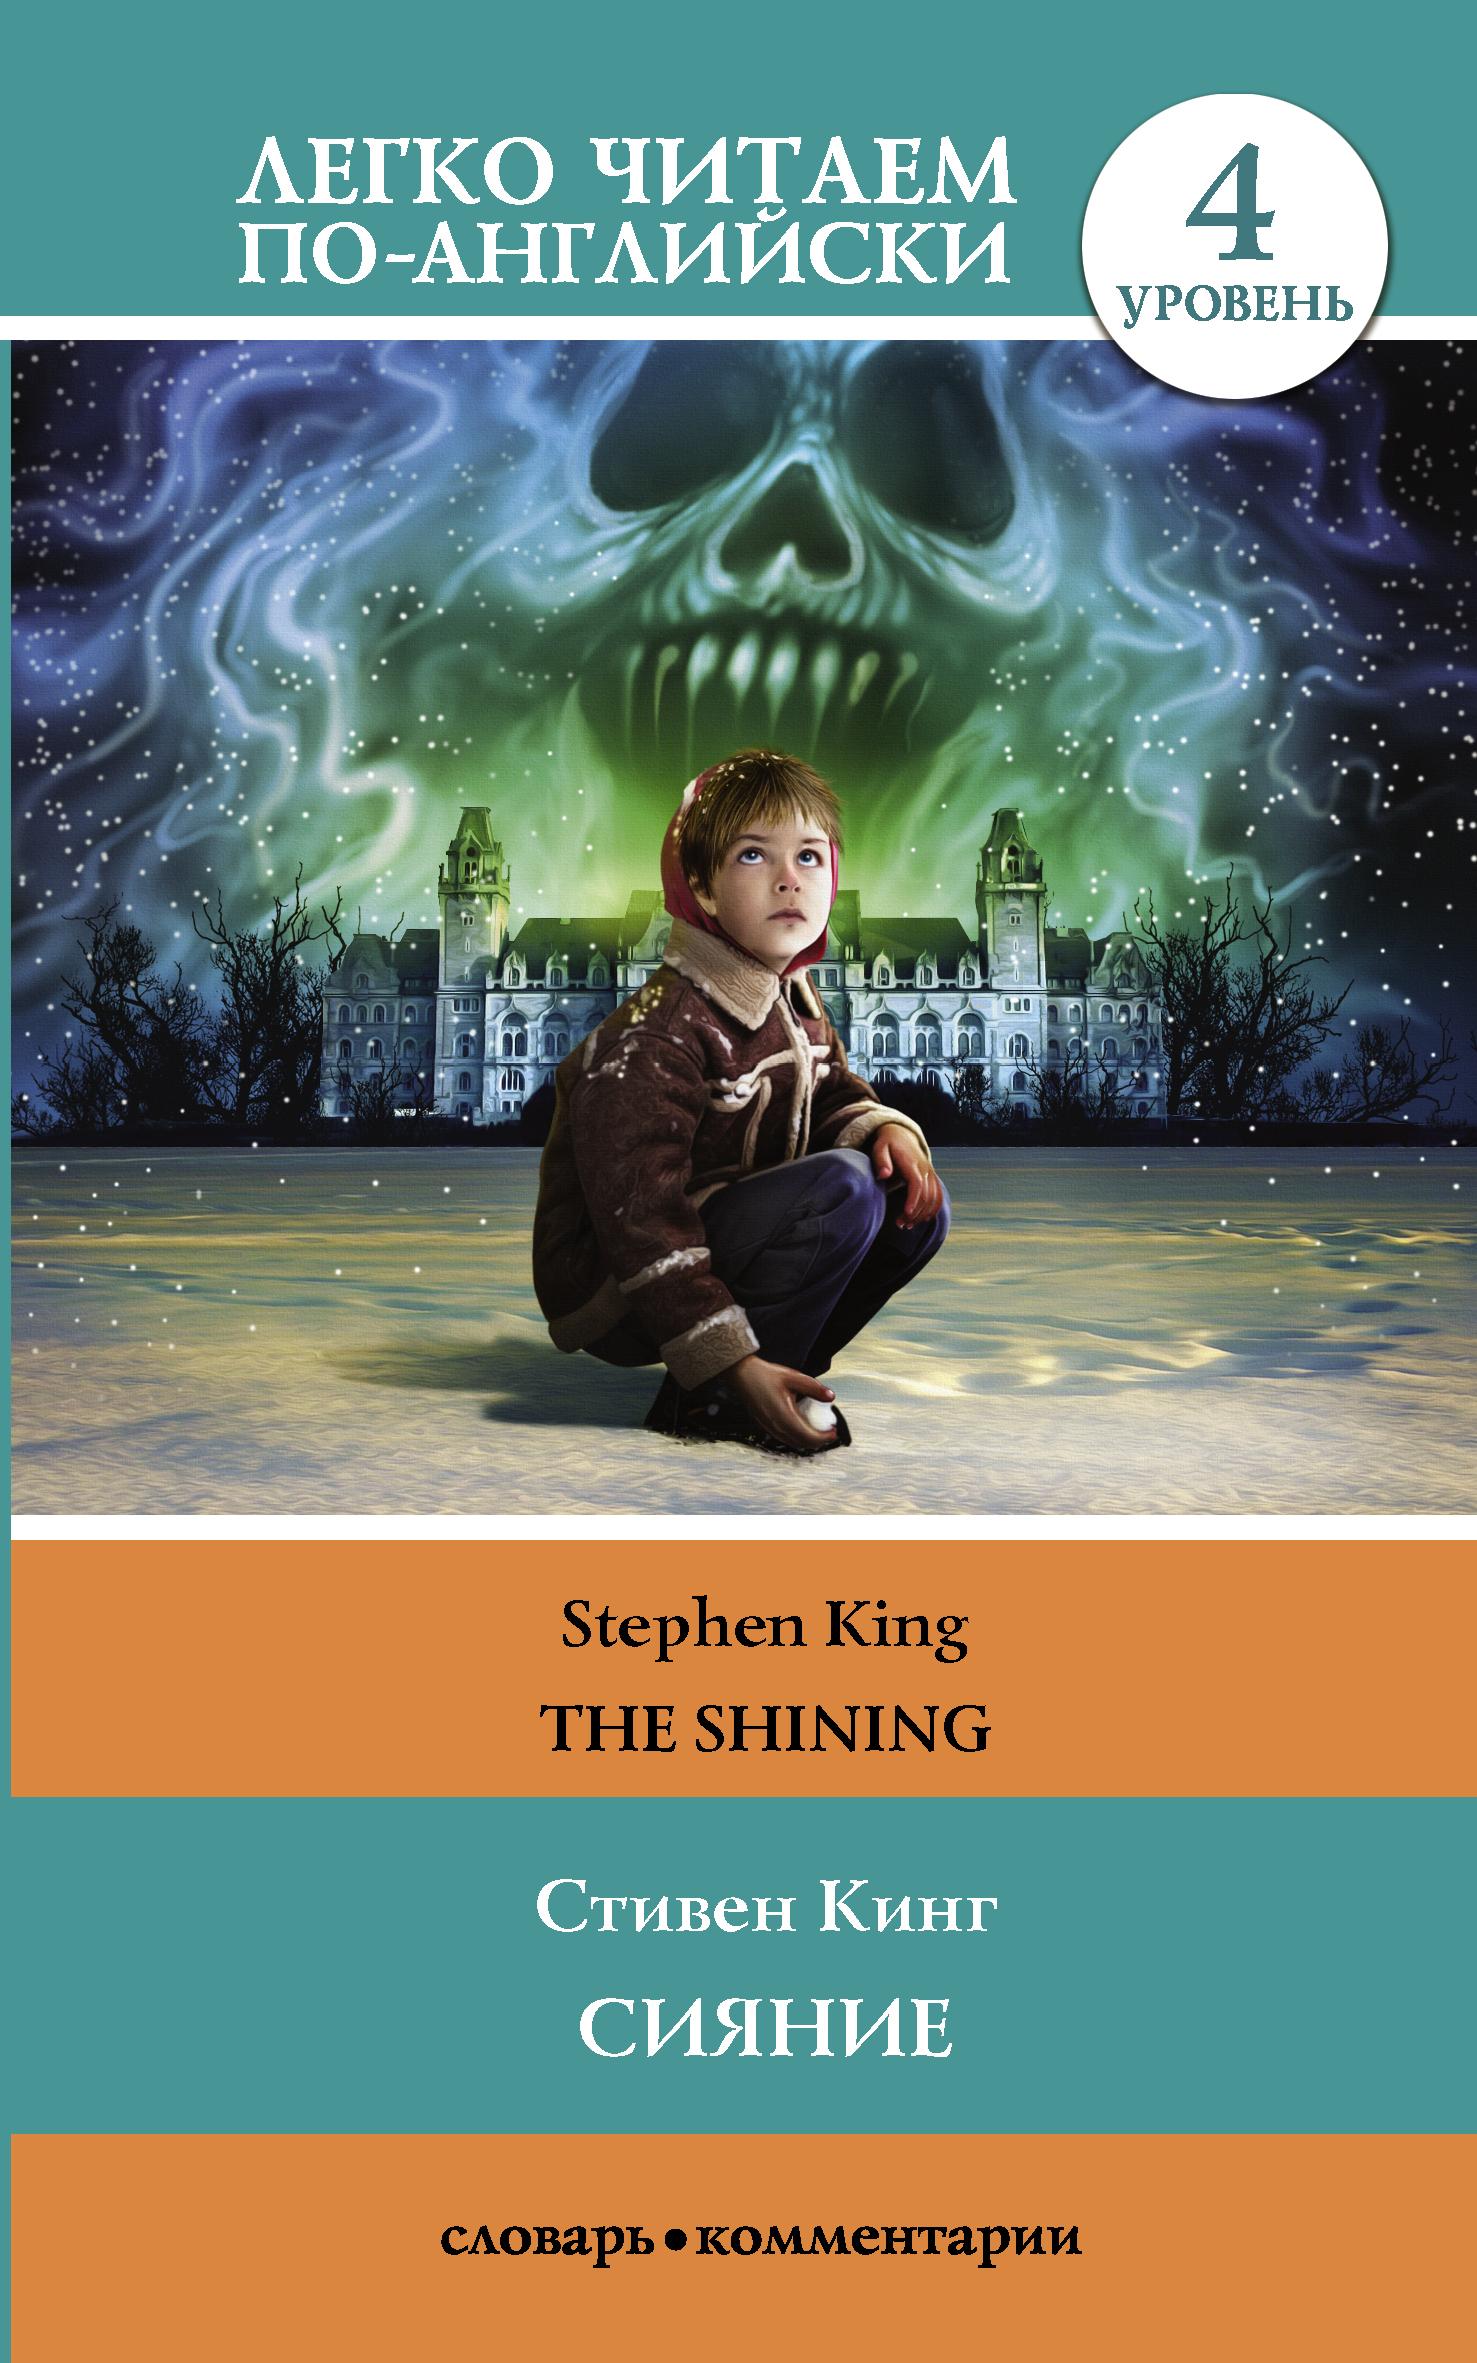 Стивен Кинг Сияние = The Shining